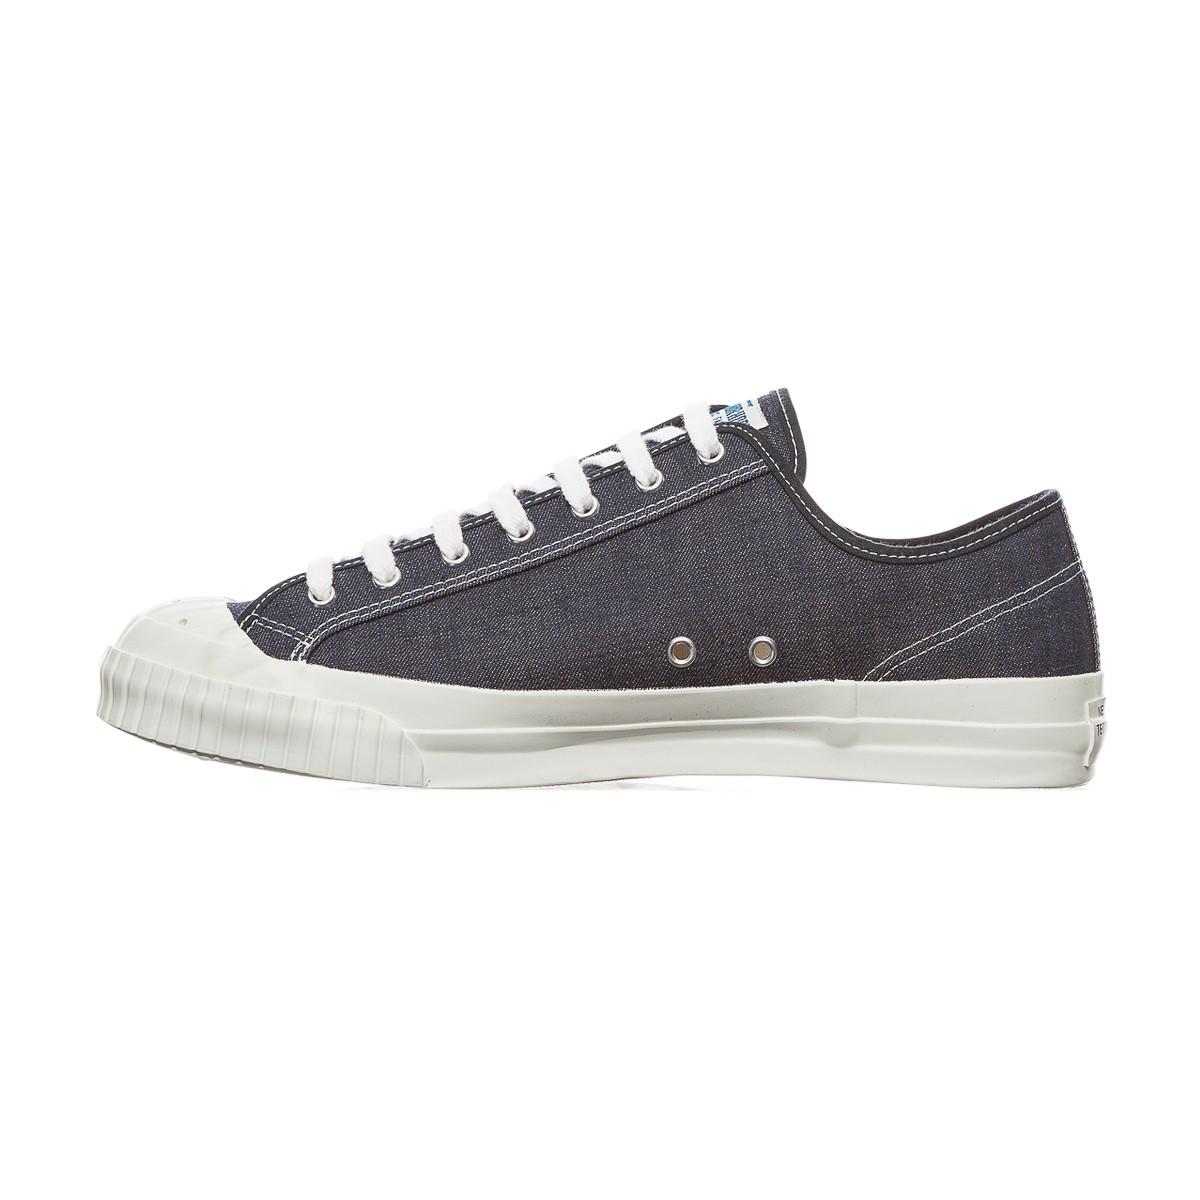 Neighborhood Denim Sneakers in Blue (Black)